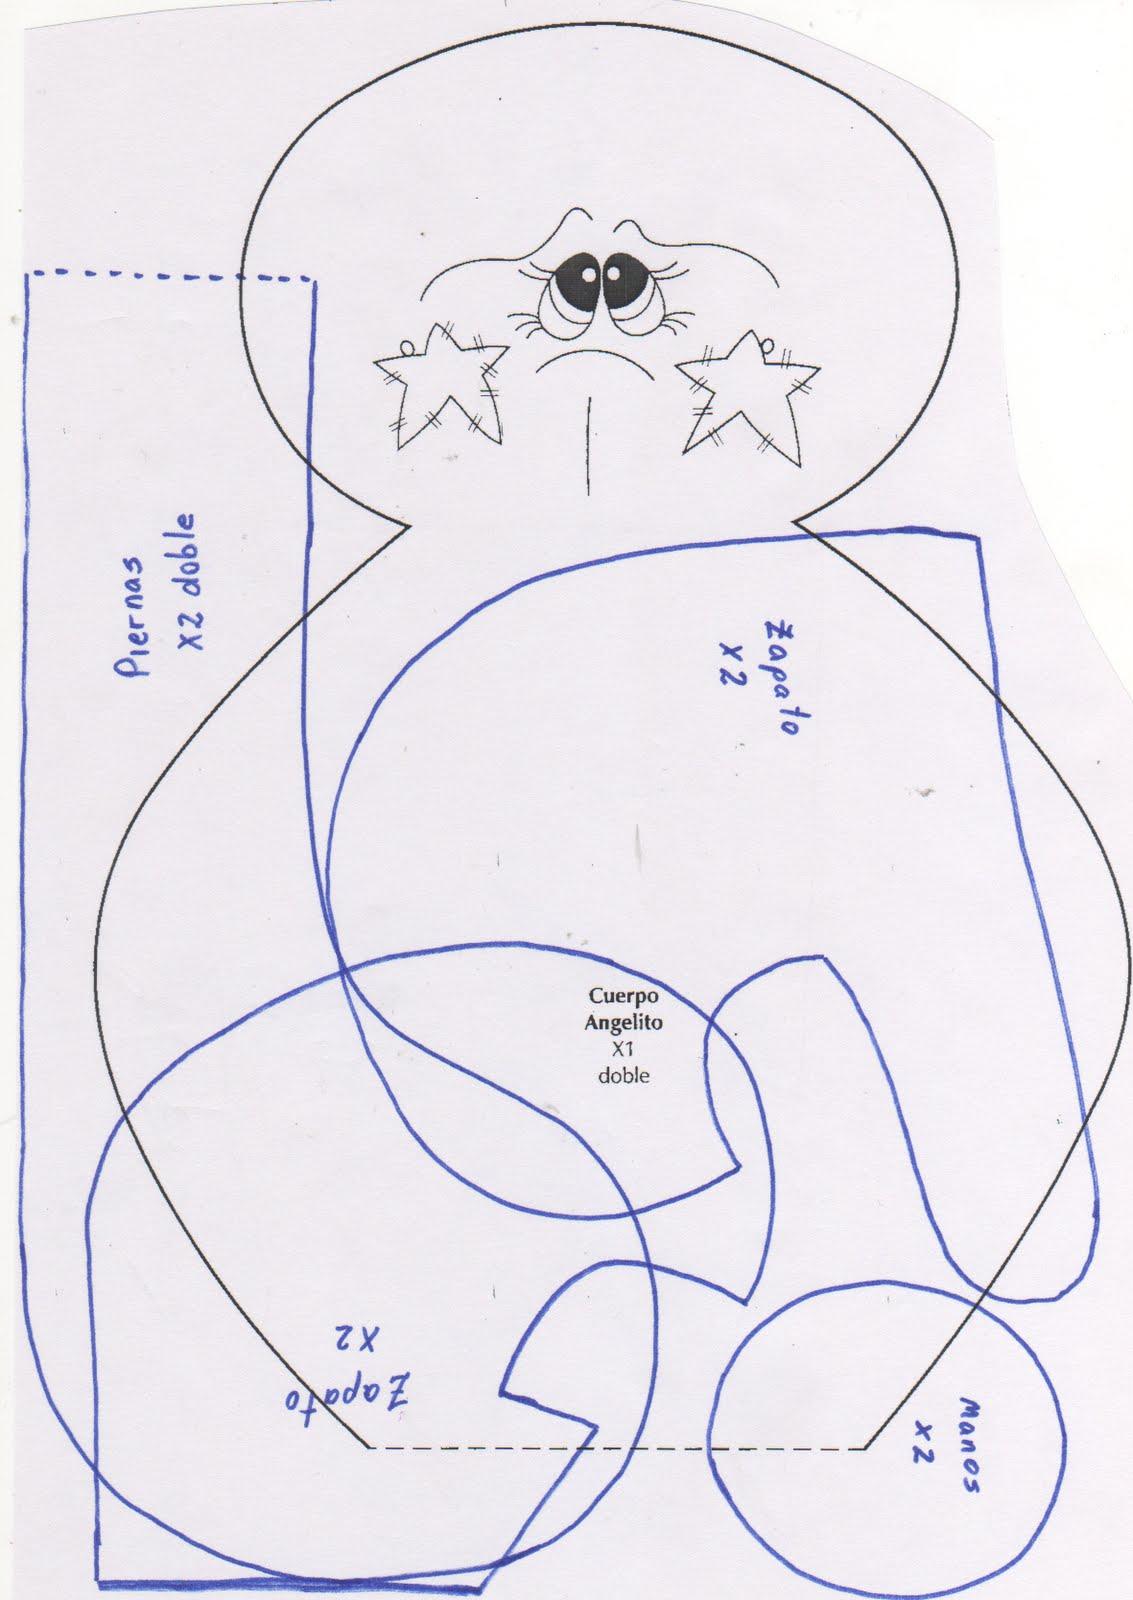 imagenes de hamster gordos Mymadrid me - imagenes de animales gordos